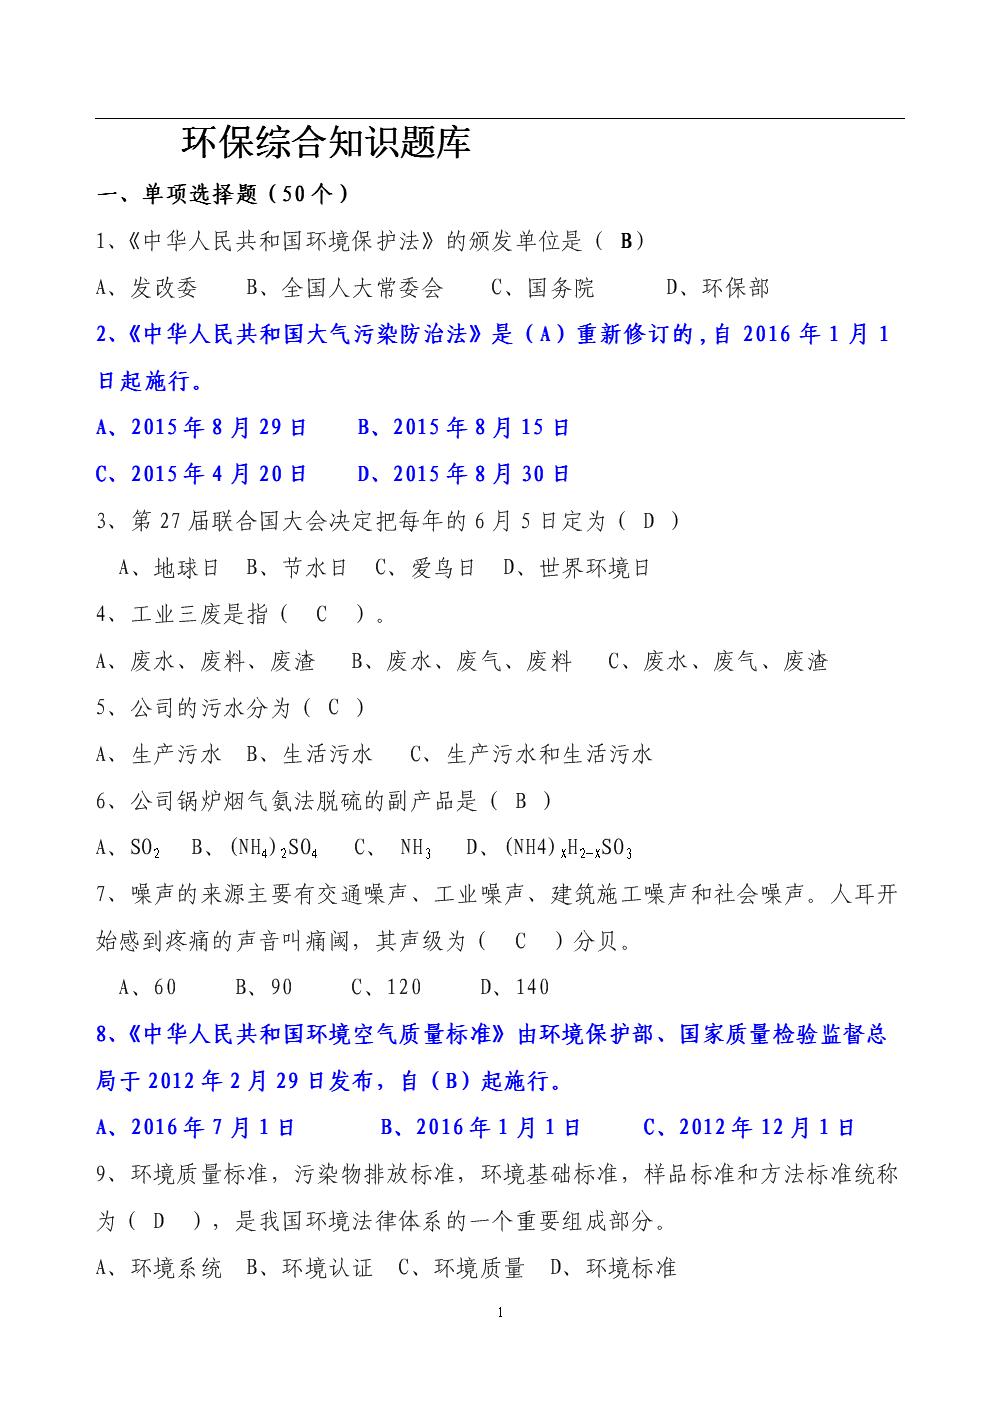 环保综合知识题库及答案.doc